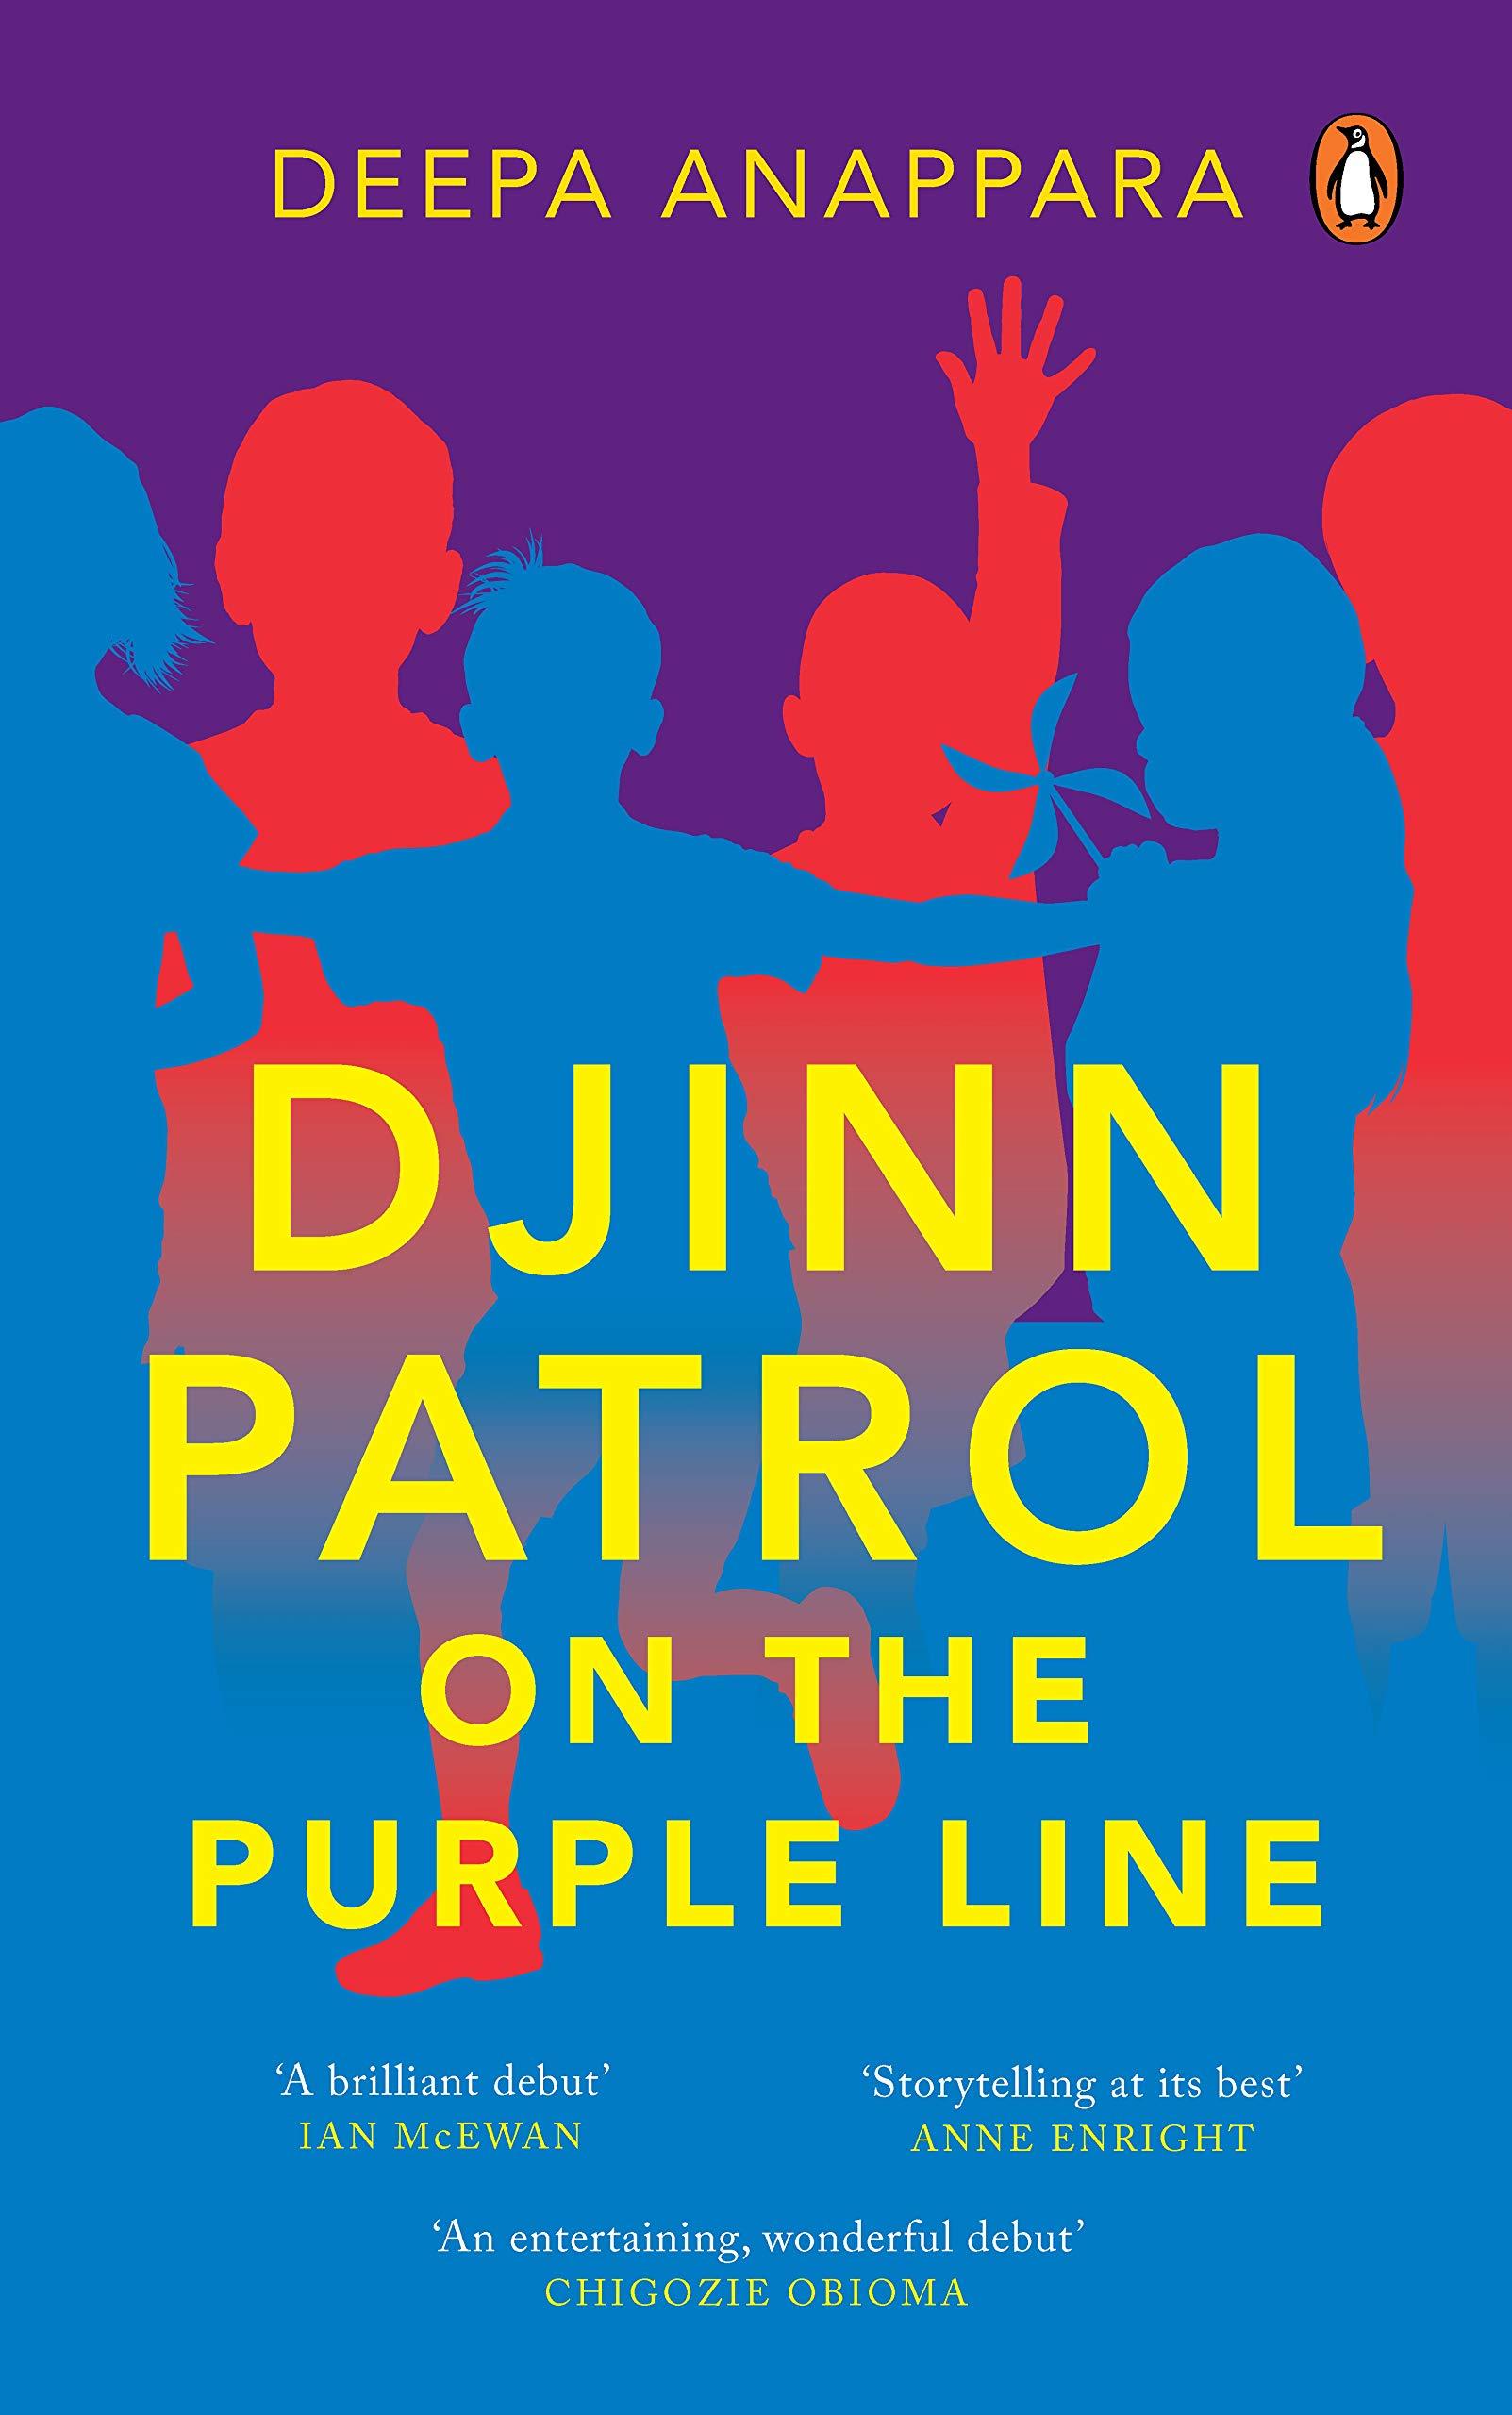 Djinn Patrol on the Purple Line: Amazon.in: Anappara, Deepa: Books